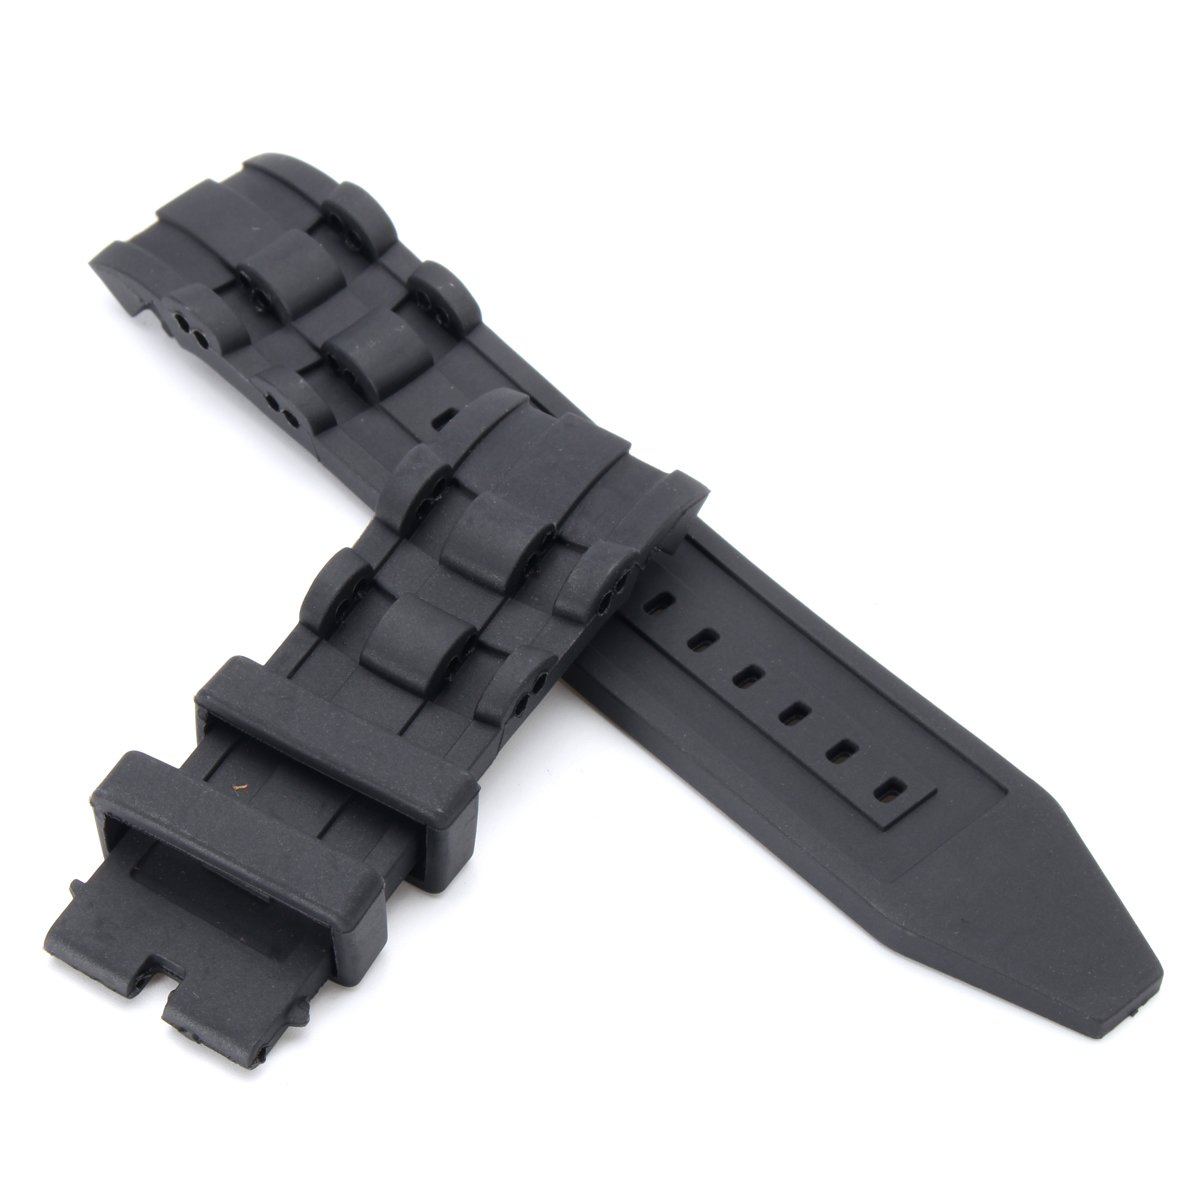 QOJA 26mm rubber black watch band strap for invicta pro diver 6977-6978-6981-6983 by QOJA